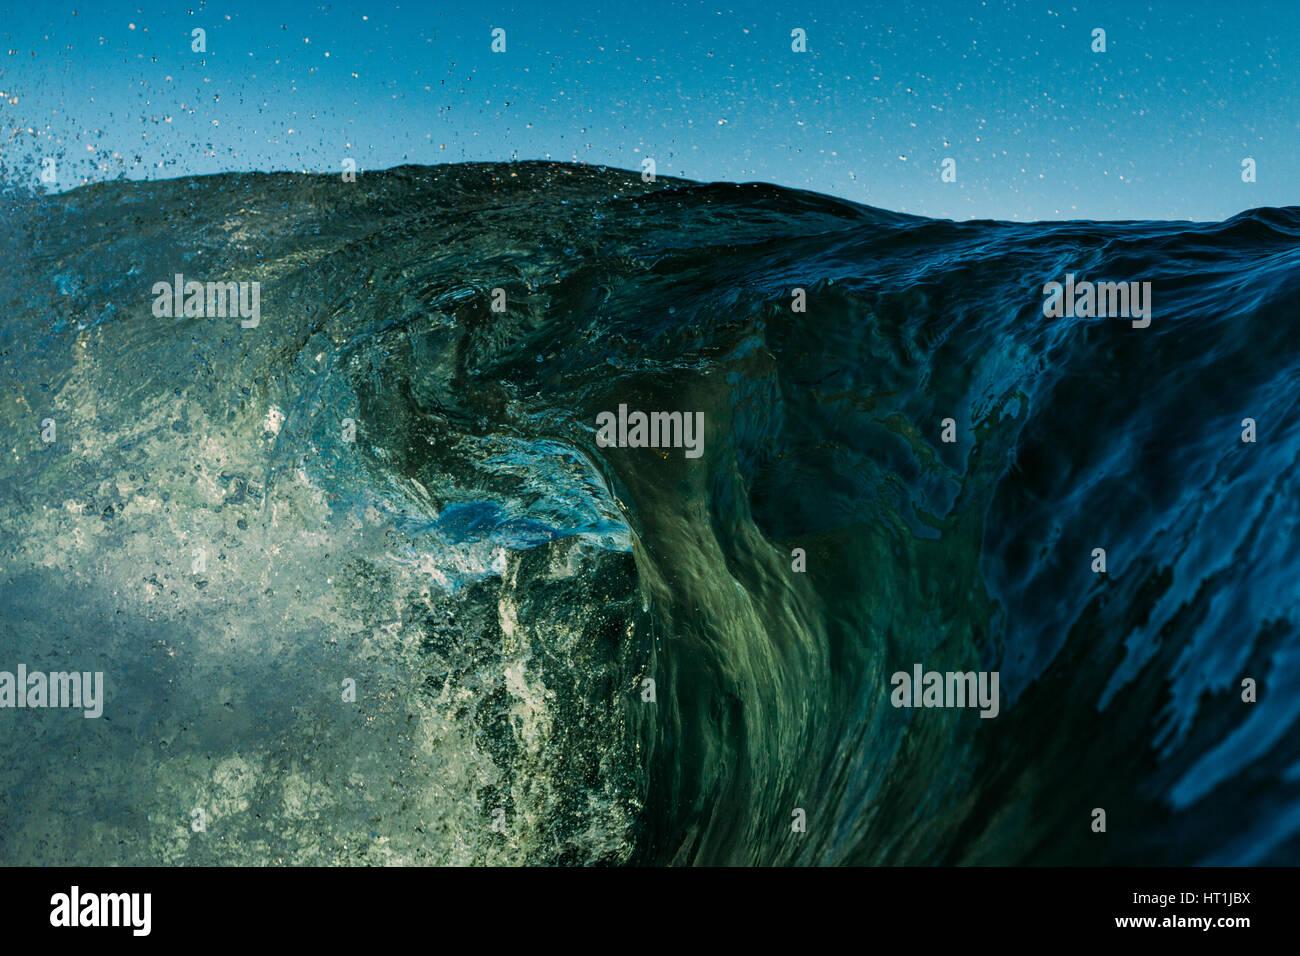 Las texturas de las olas del océano Imagen De Stock